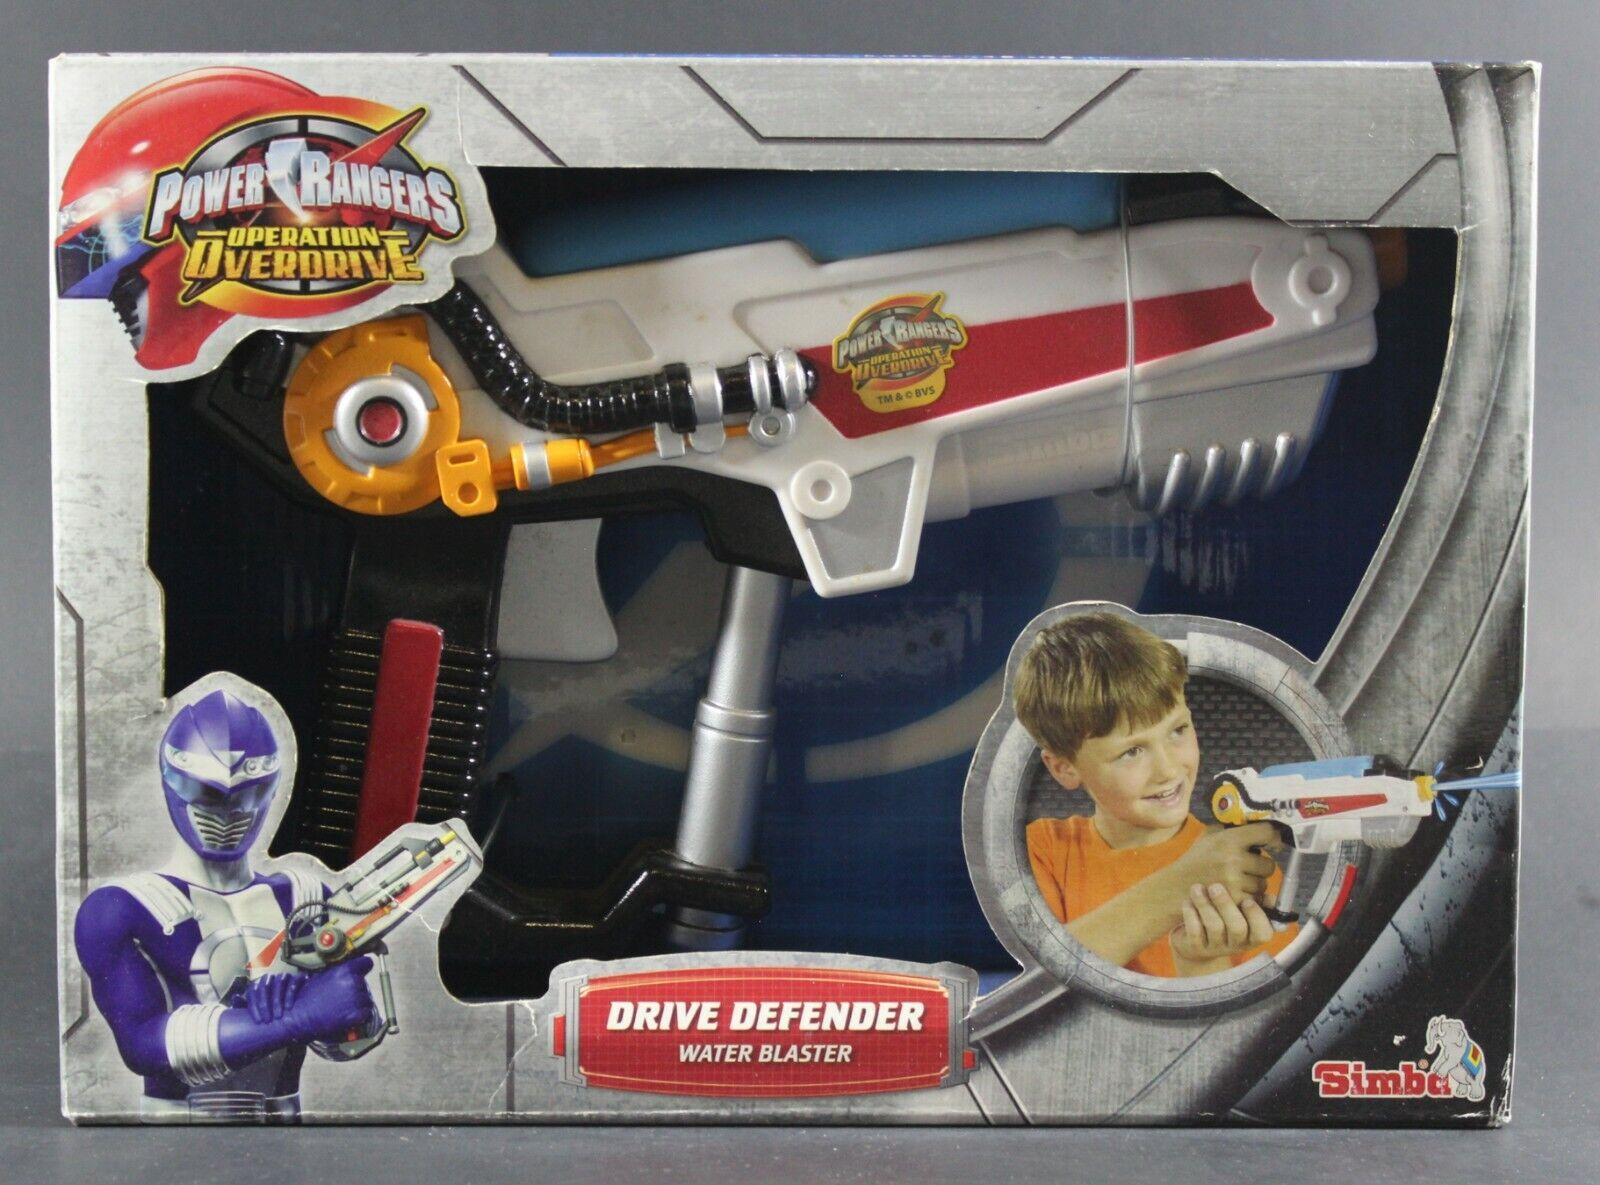 2006 Simba Power Rangers Drive Defender Eau Blaster Pistolet difficile op. Overdrive